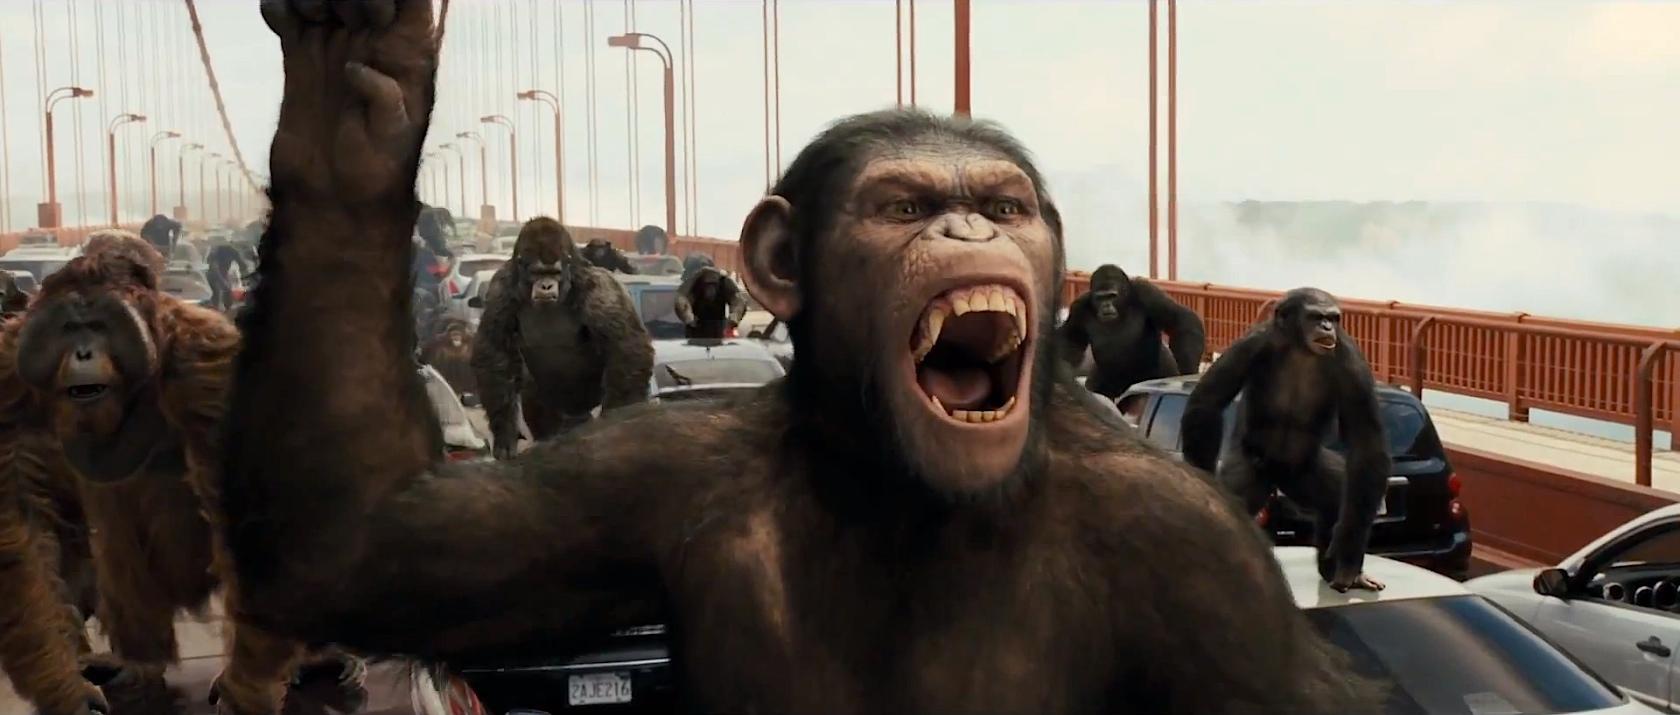 Alba_del_pianeta_delle_scimmie - reboot